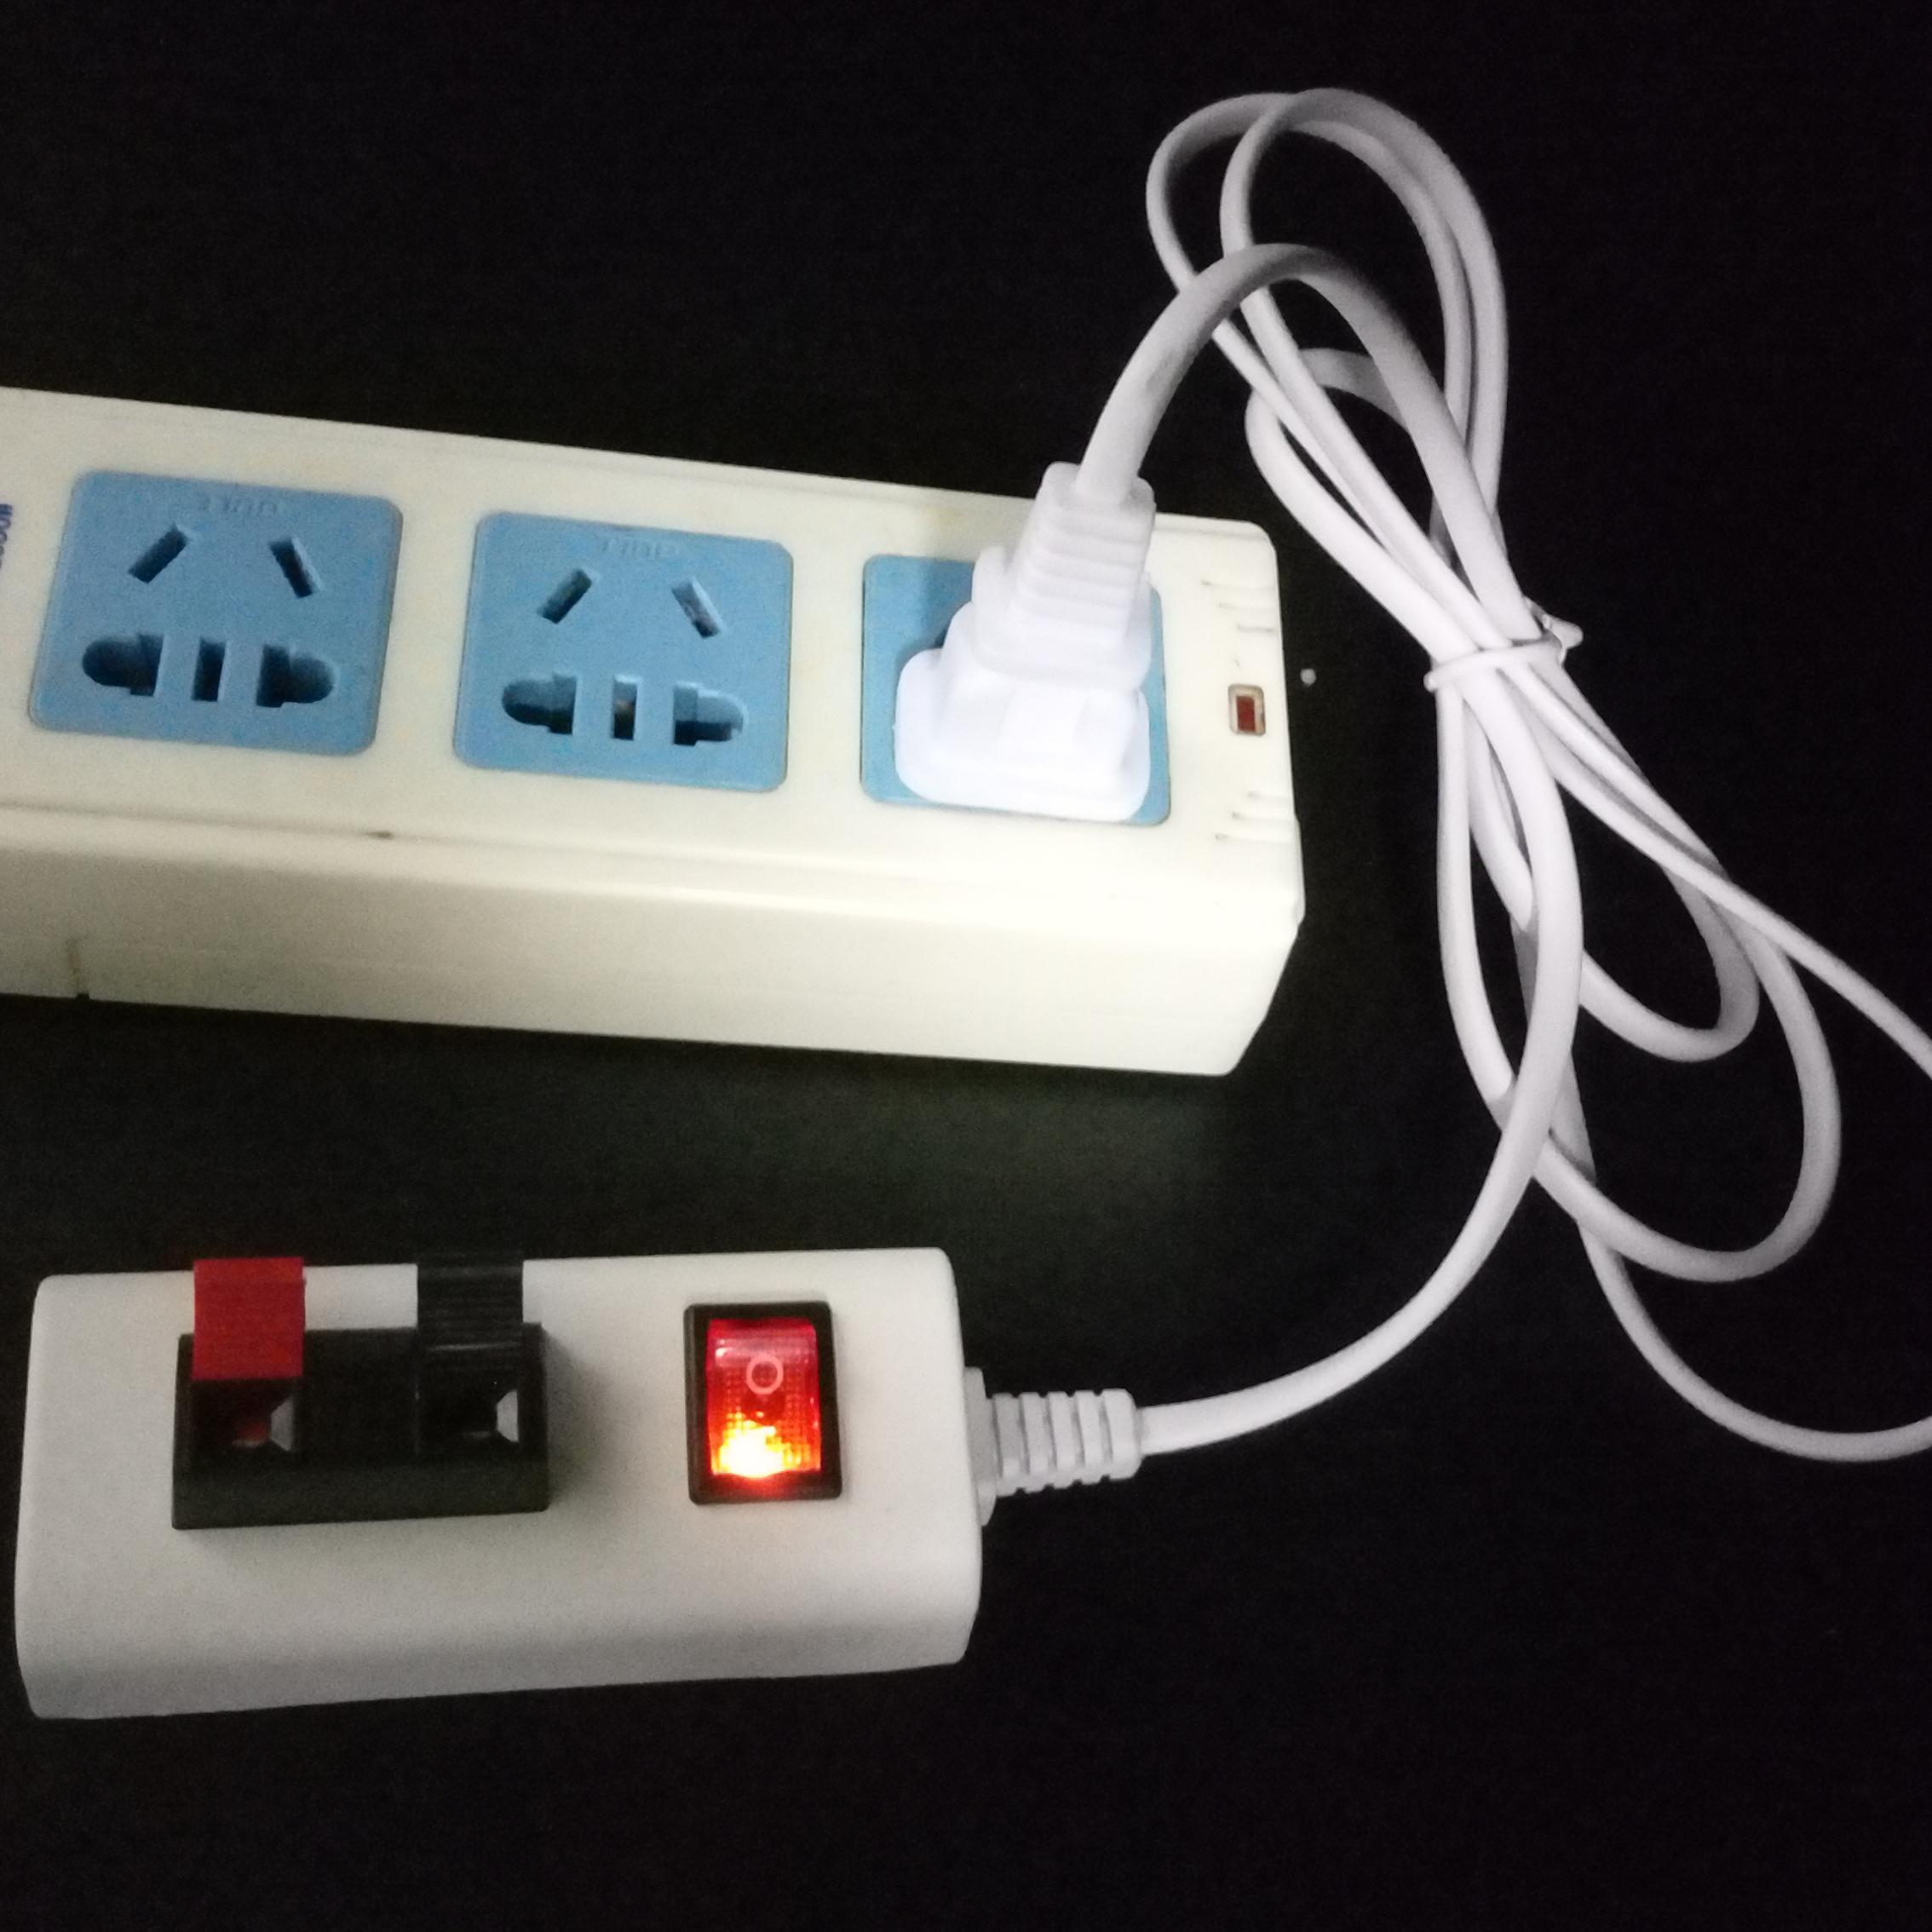 Δοκιμή φανό με διακόπτη οδήγησε ένα ηλεκτρικό καλώδιο σύνδεσης φωτισμός μαγαζί ιδιοδιάταξη δοκιμής κλιπ κουτί ταχεία δοκιμή λάμπα.